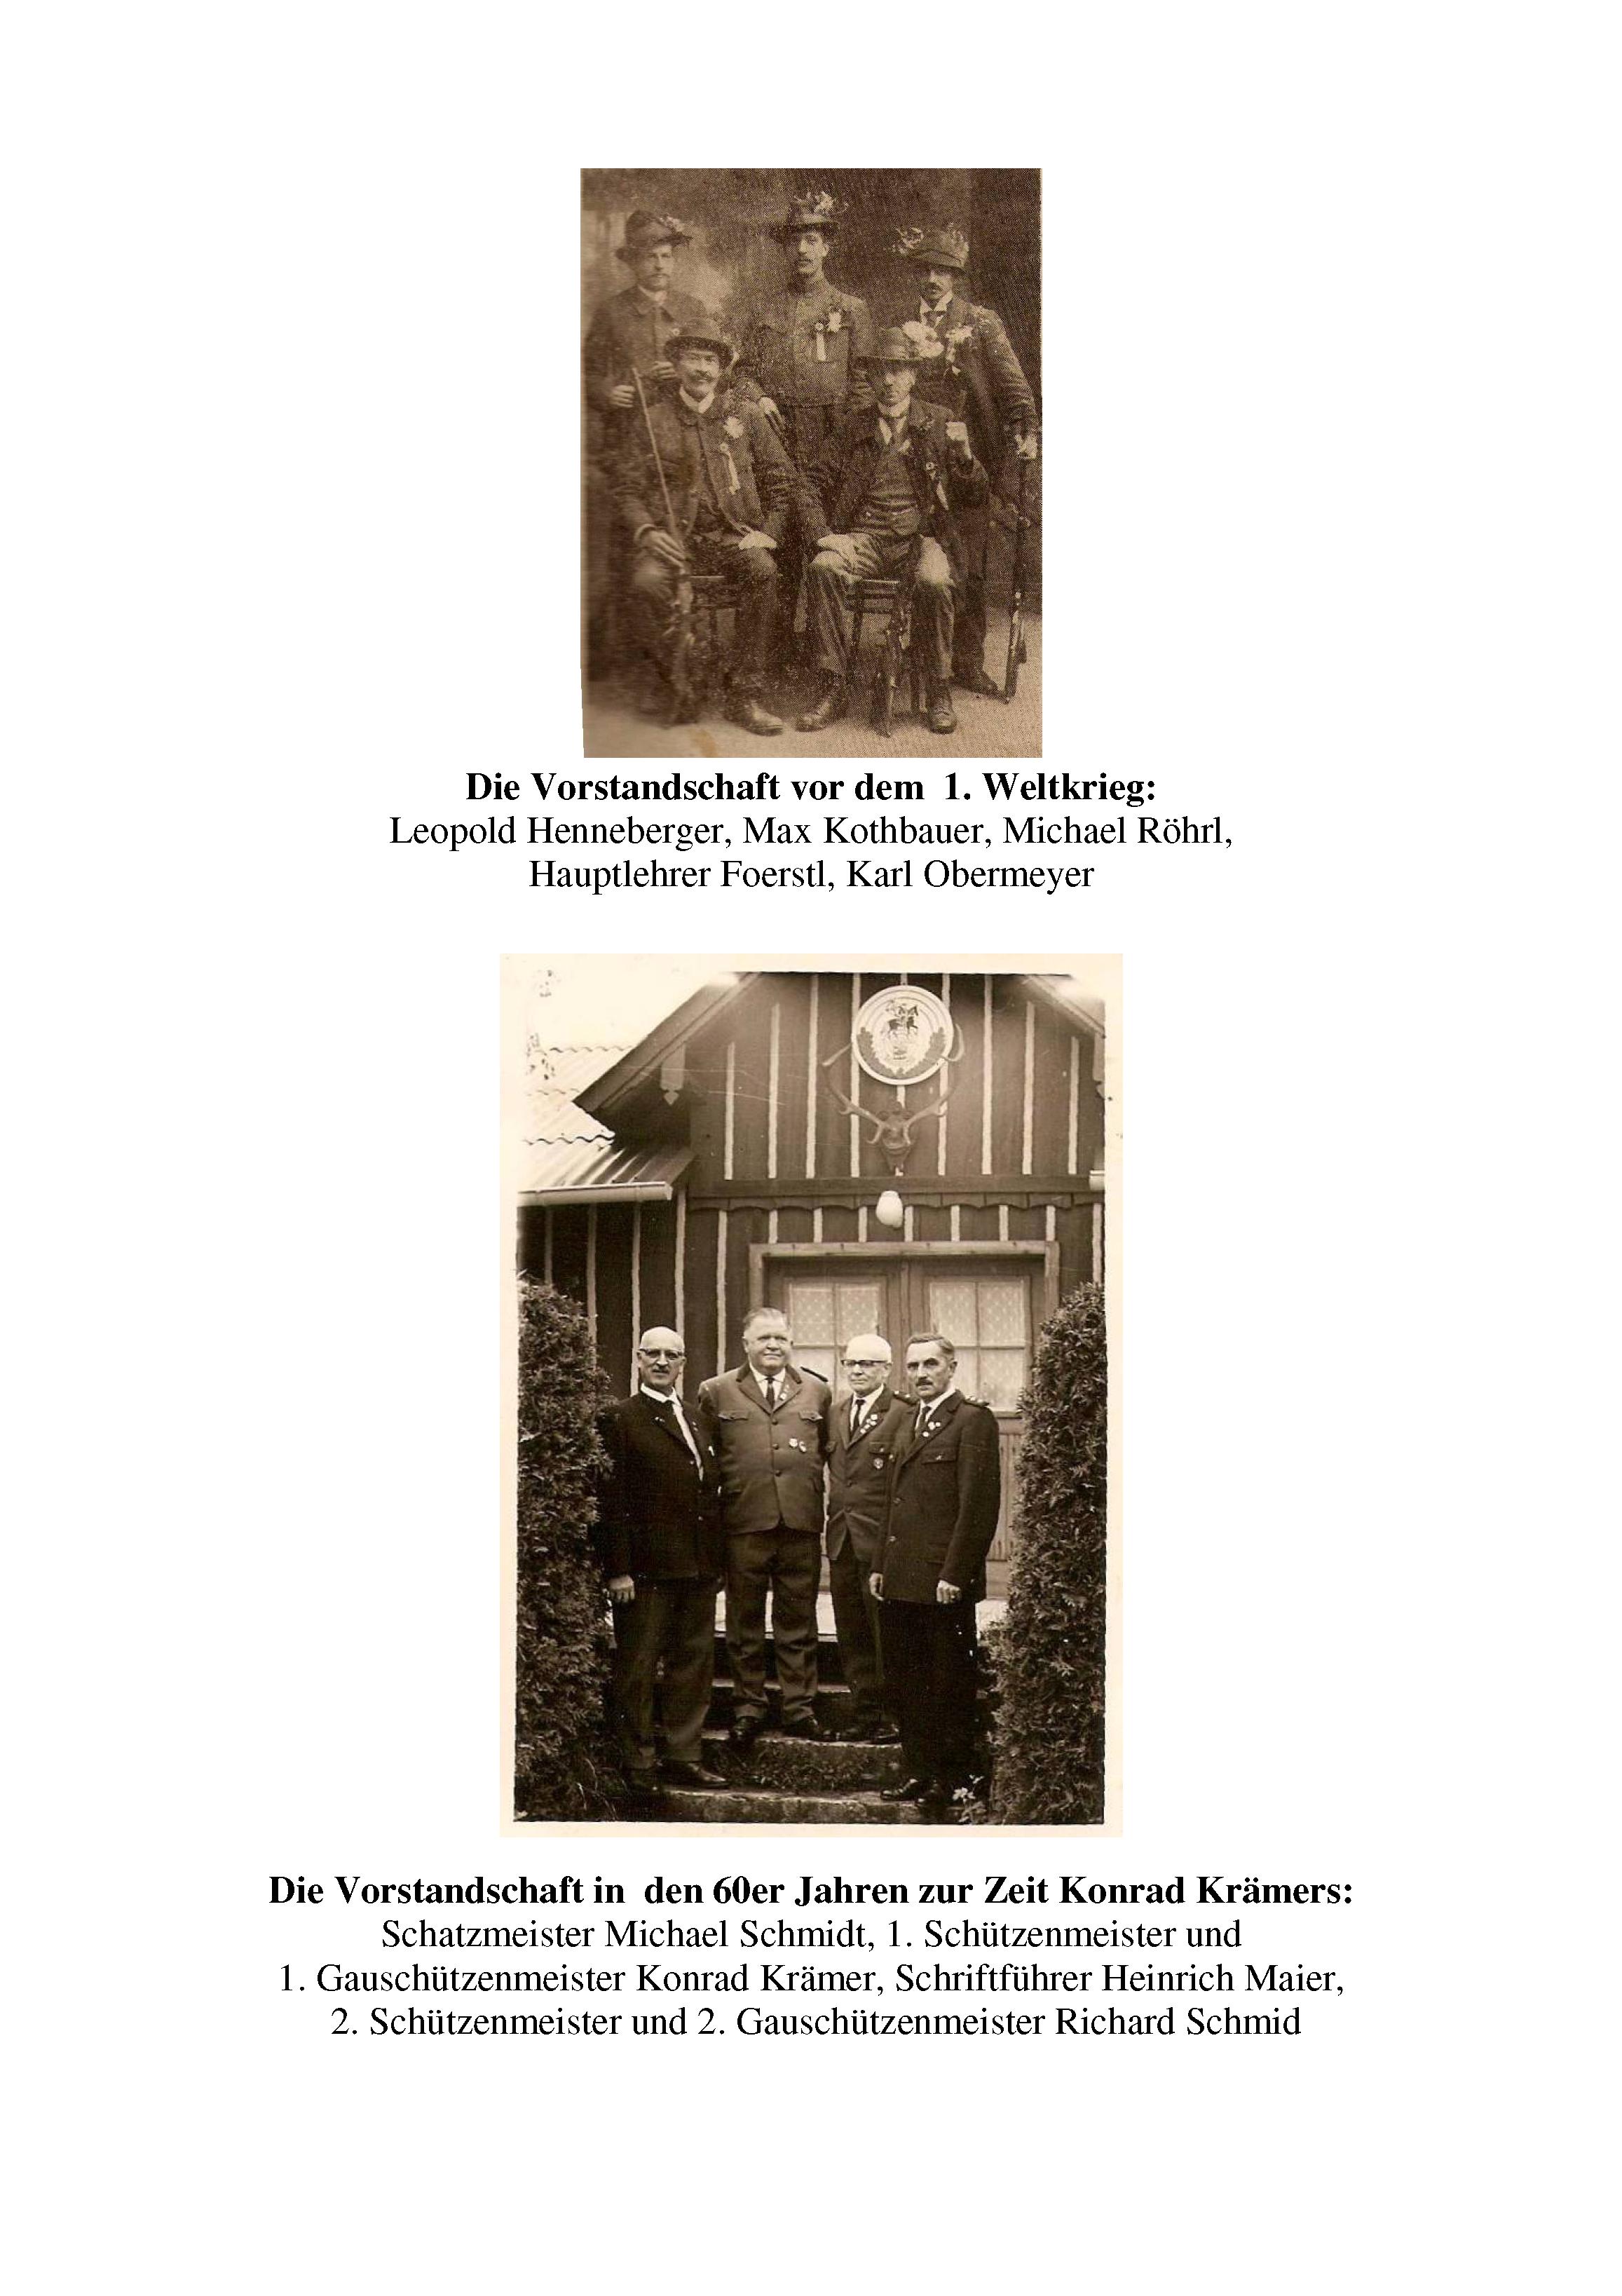 Geschichte-Vereinsvorstand_Seite_1